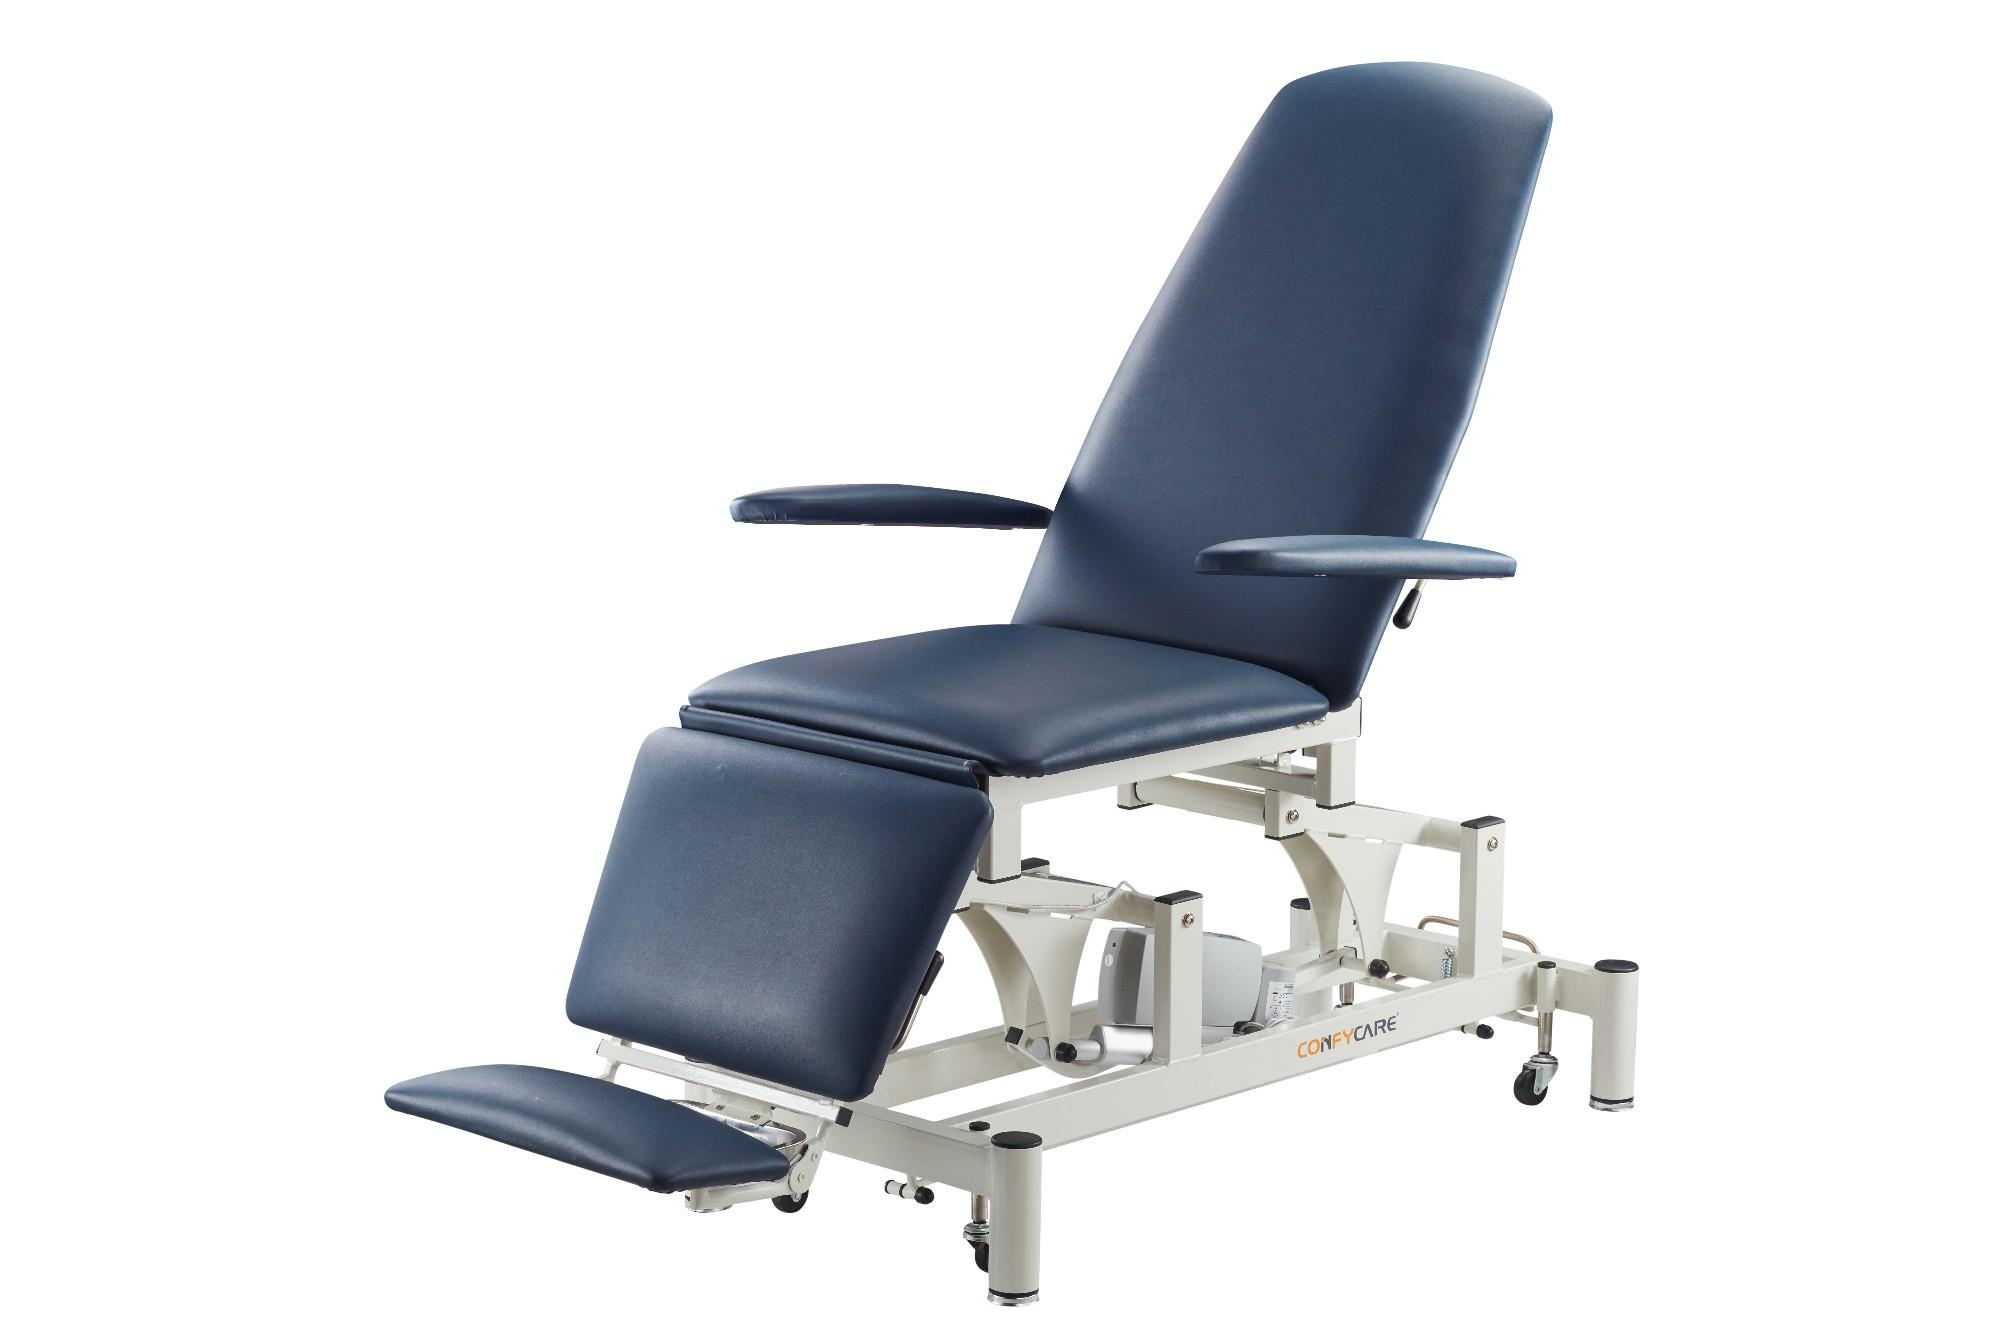 주문 발병 의자,발병 의자 가격,발병 의자 브랜드,발병 의자 제조업체,발병 의자 인용,발병 의자 회사,